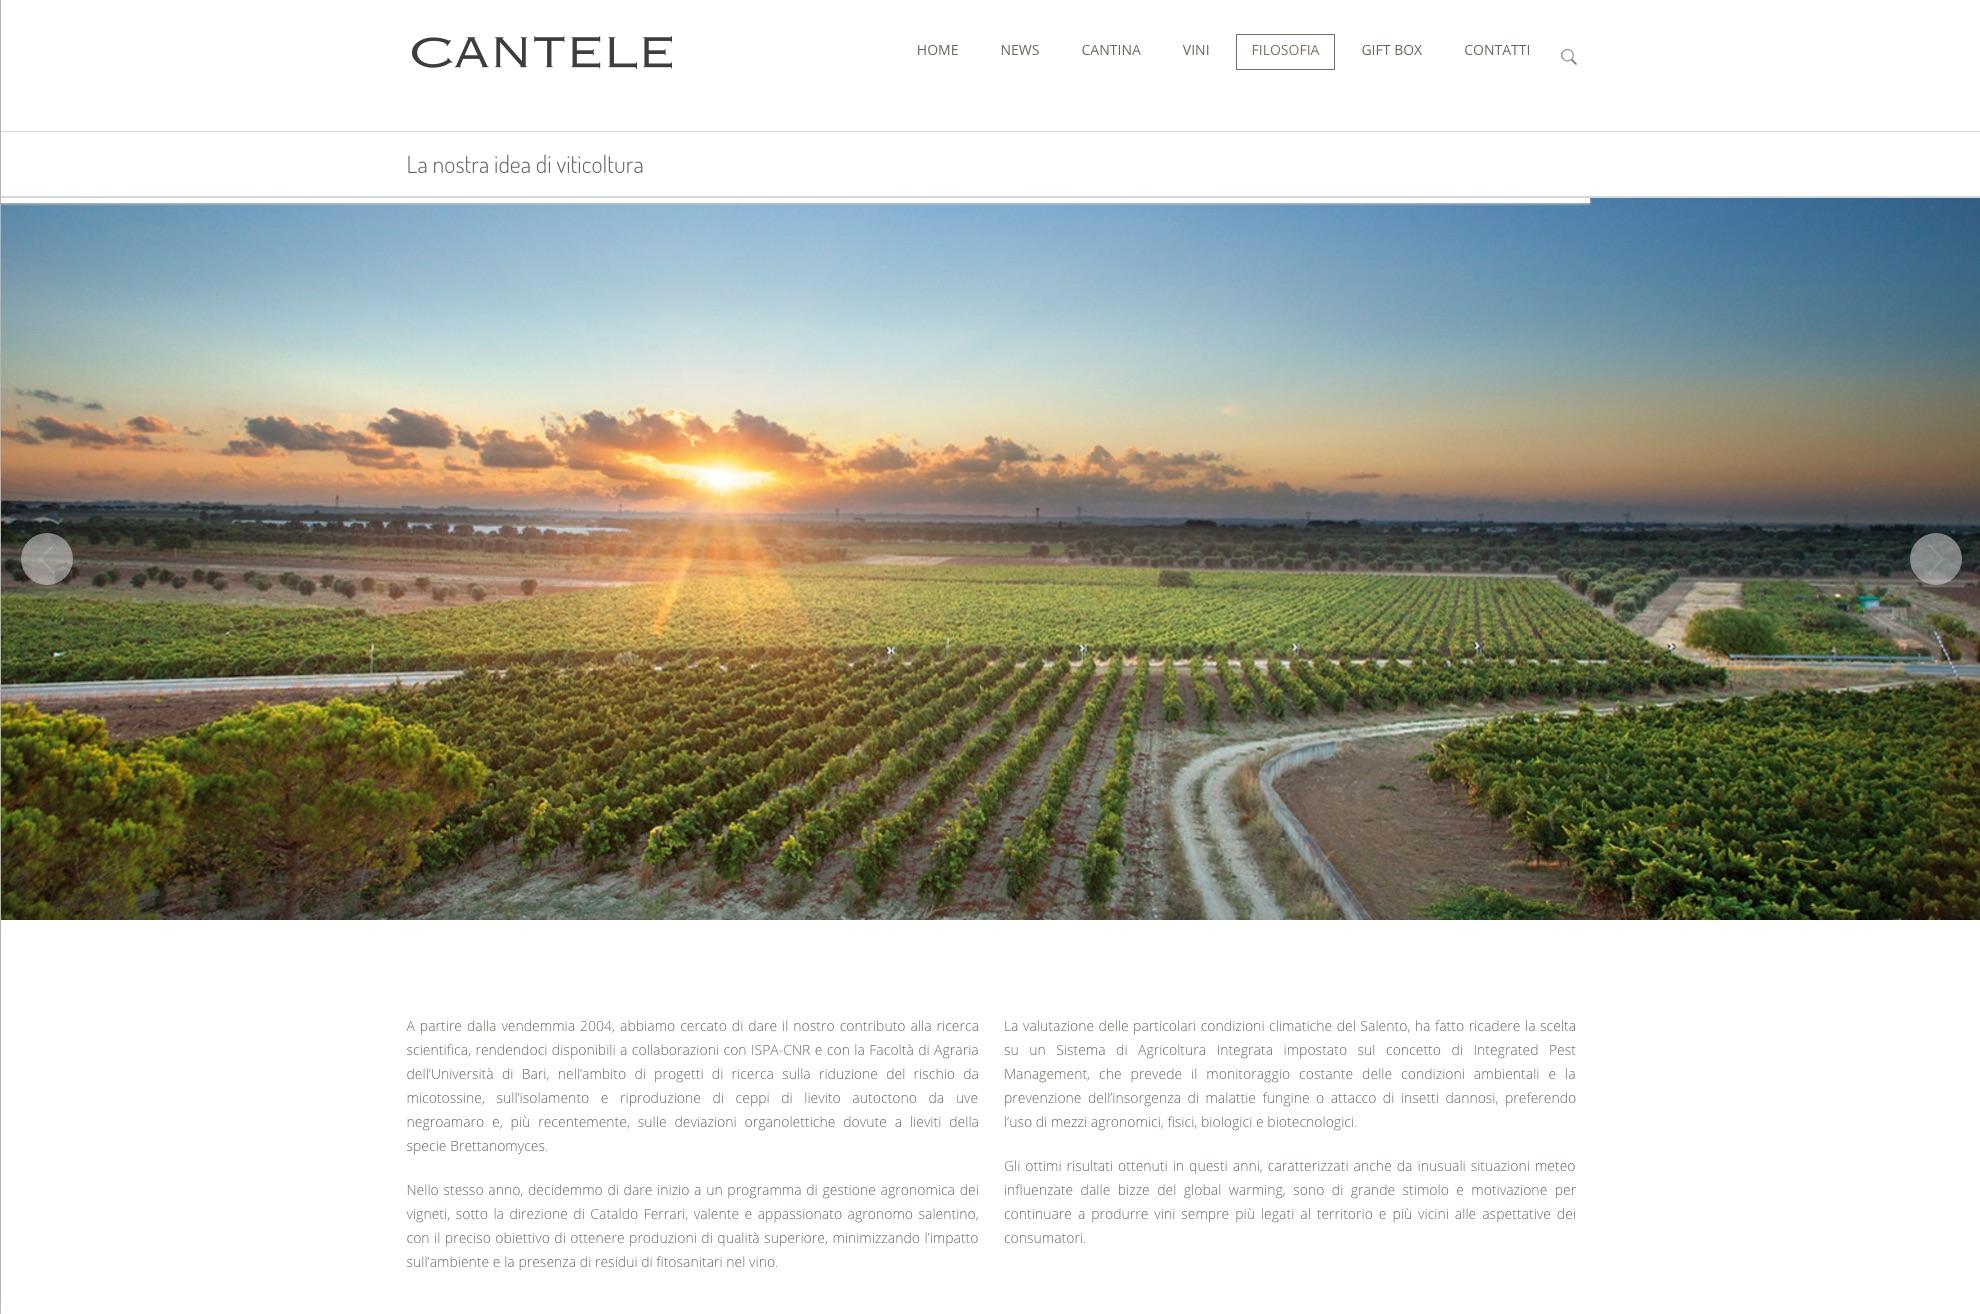 Cantele_3_2015